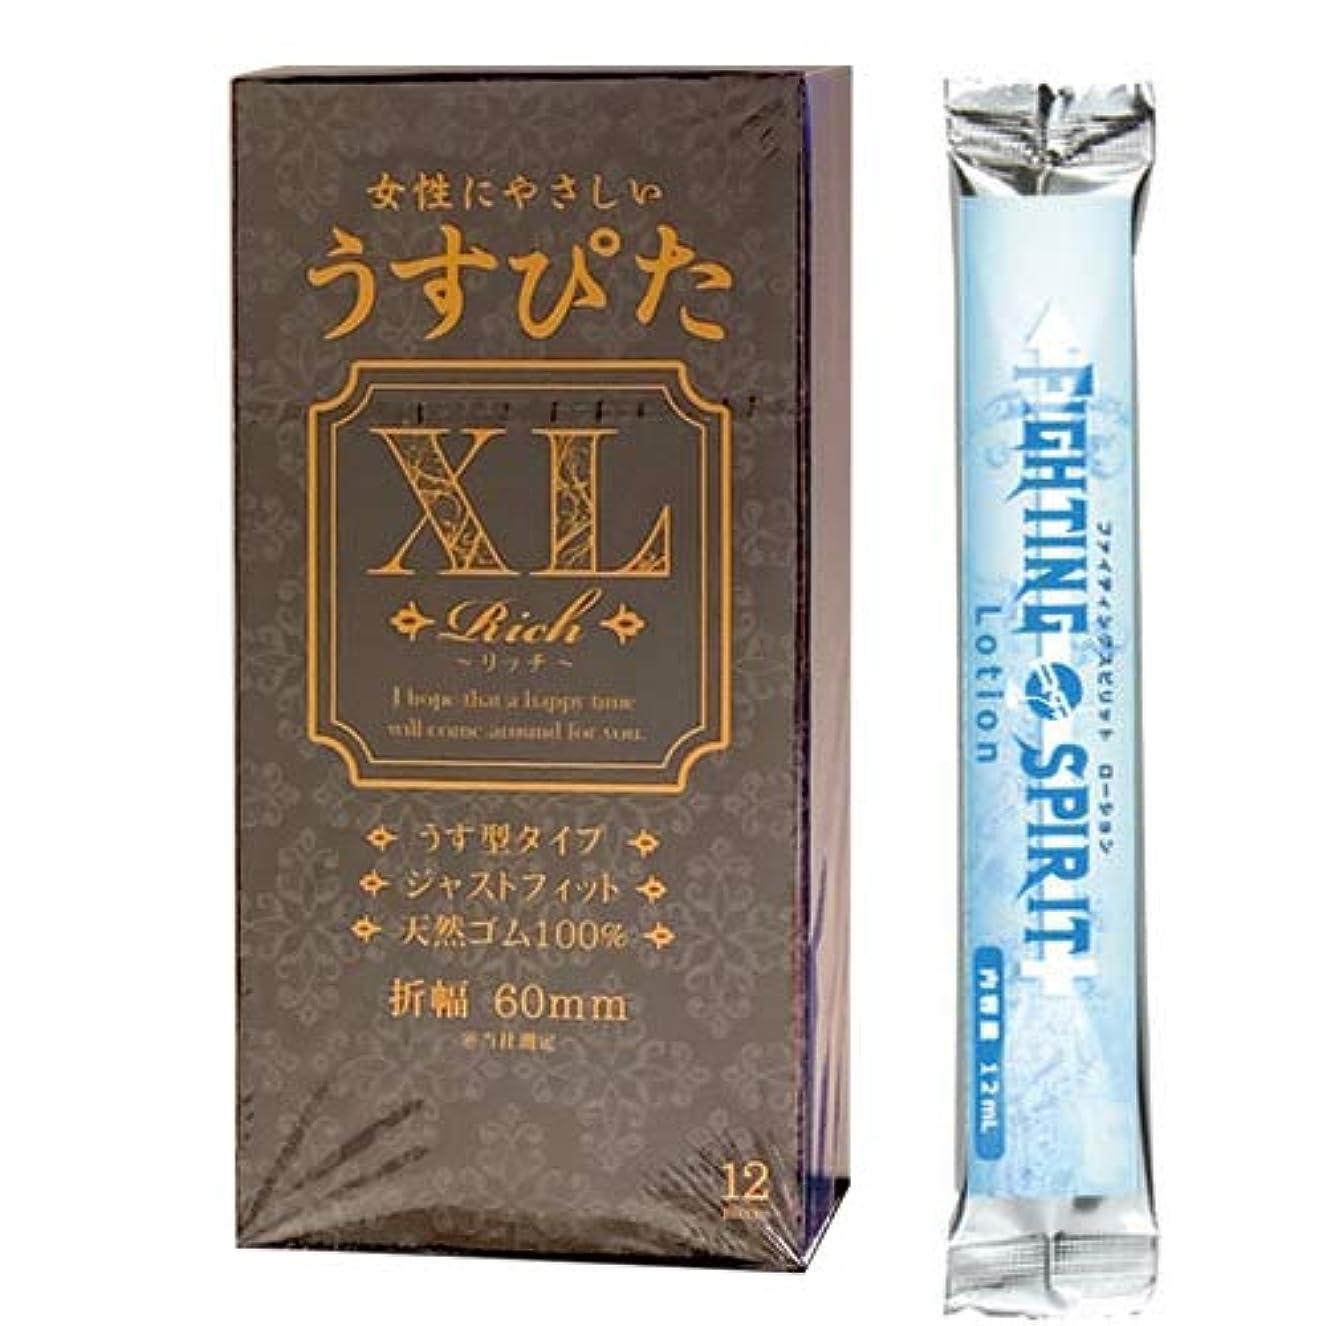 叱る慈悲マンモスジャパンメディカル うすぴた XL Rich(リッチ)コンドーム 12個入 + ファイティングスピリットローション12mL